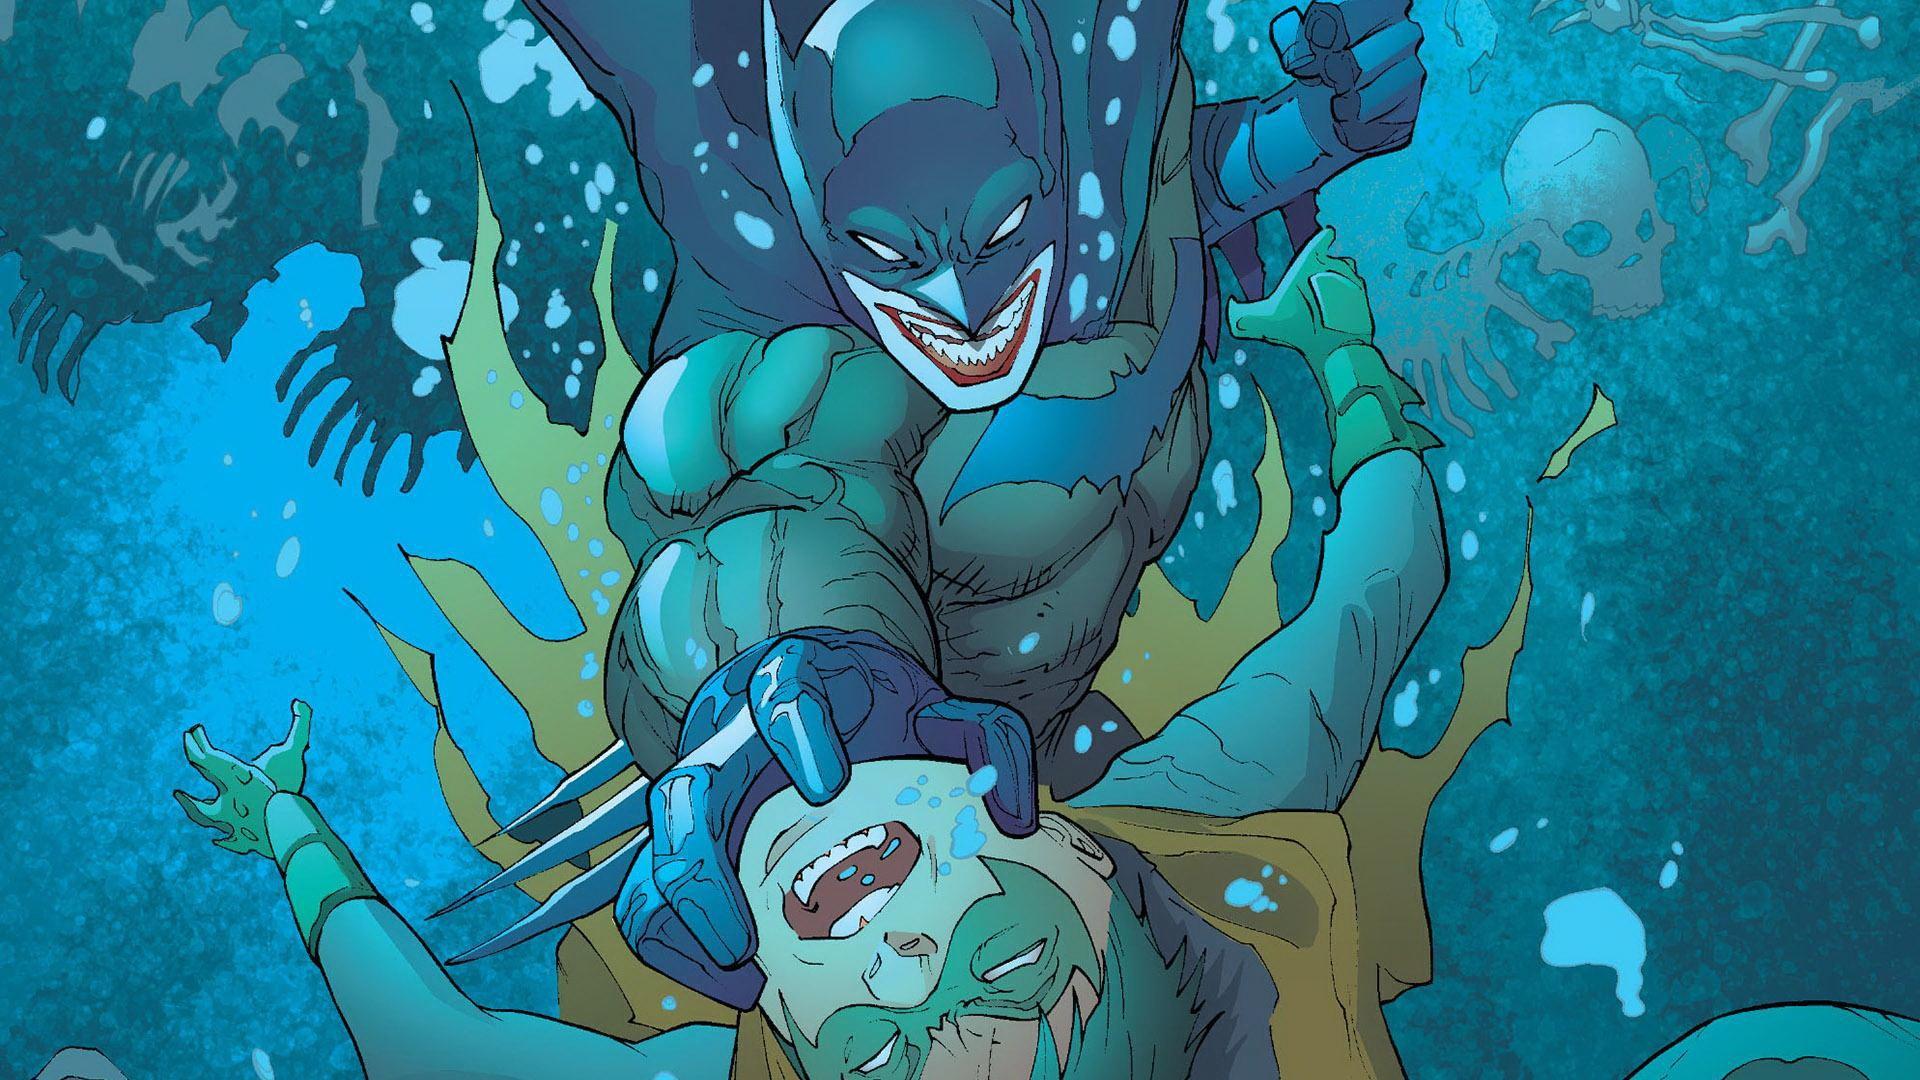 Batman fantastic - 1920x1080